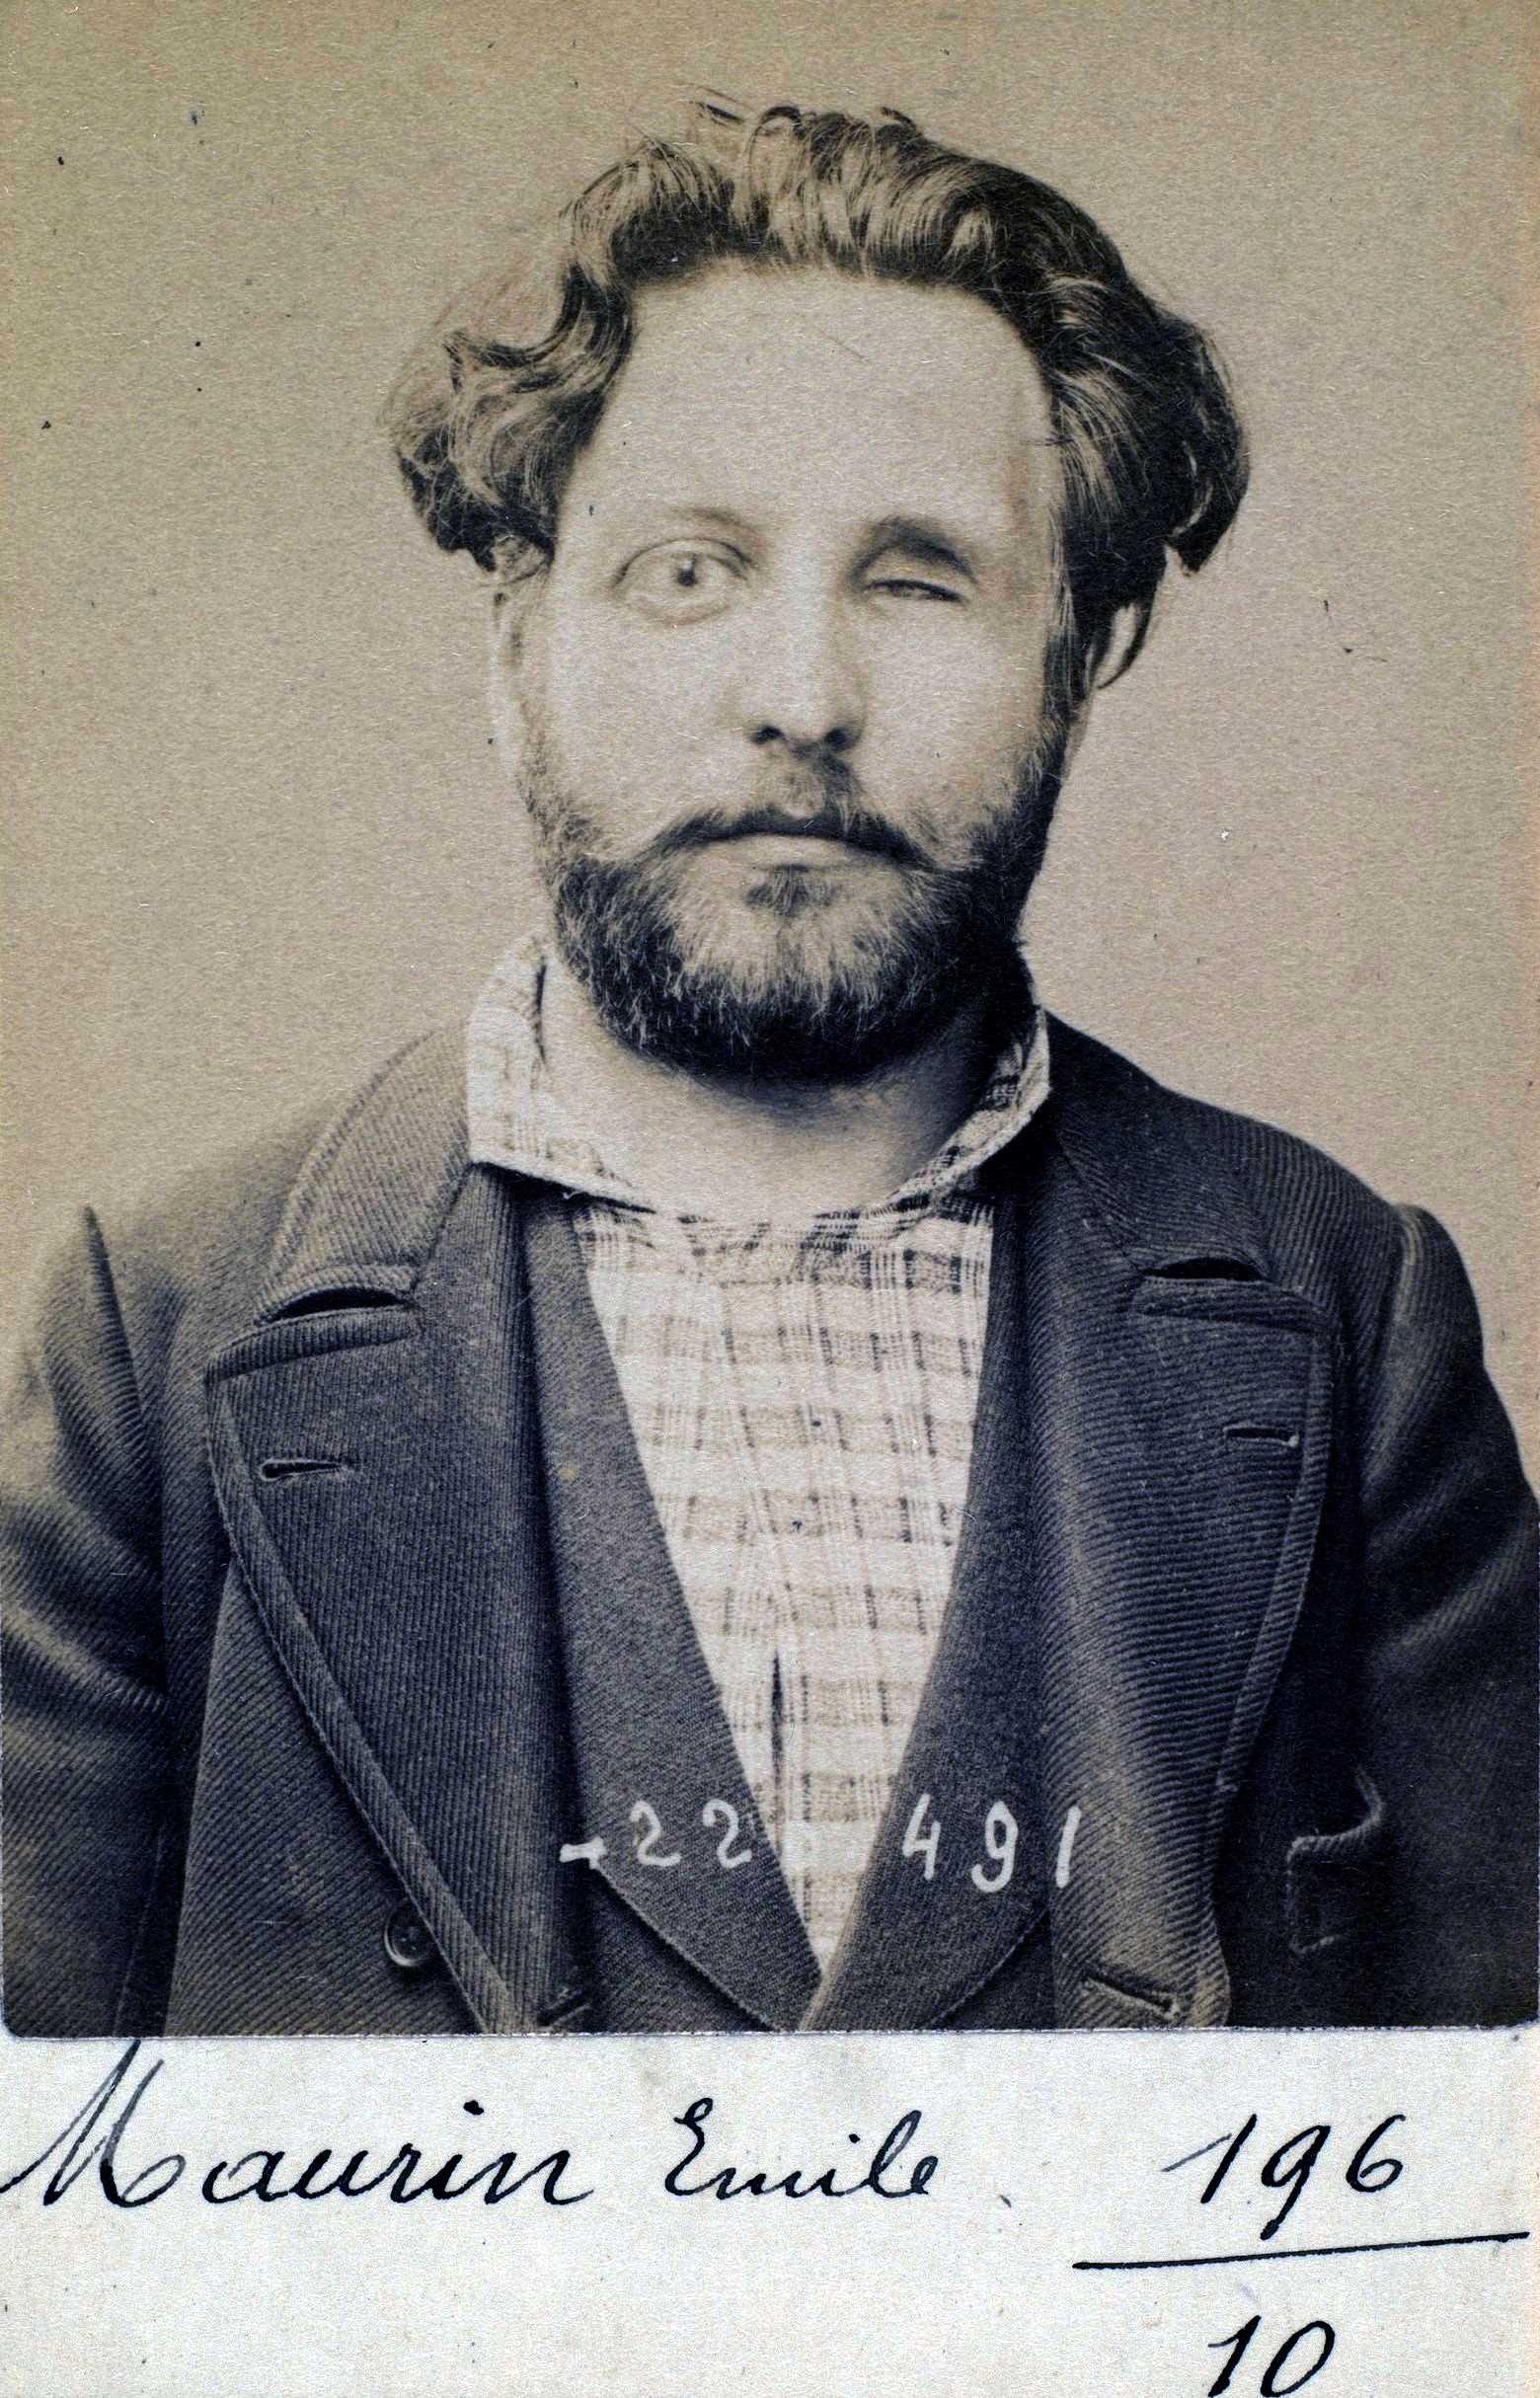 Foto policíaca d'Émile Maurin (2 de juliol de 1894)